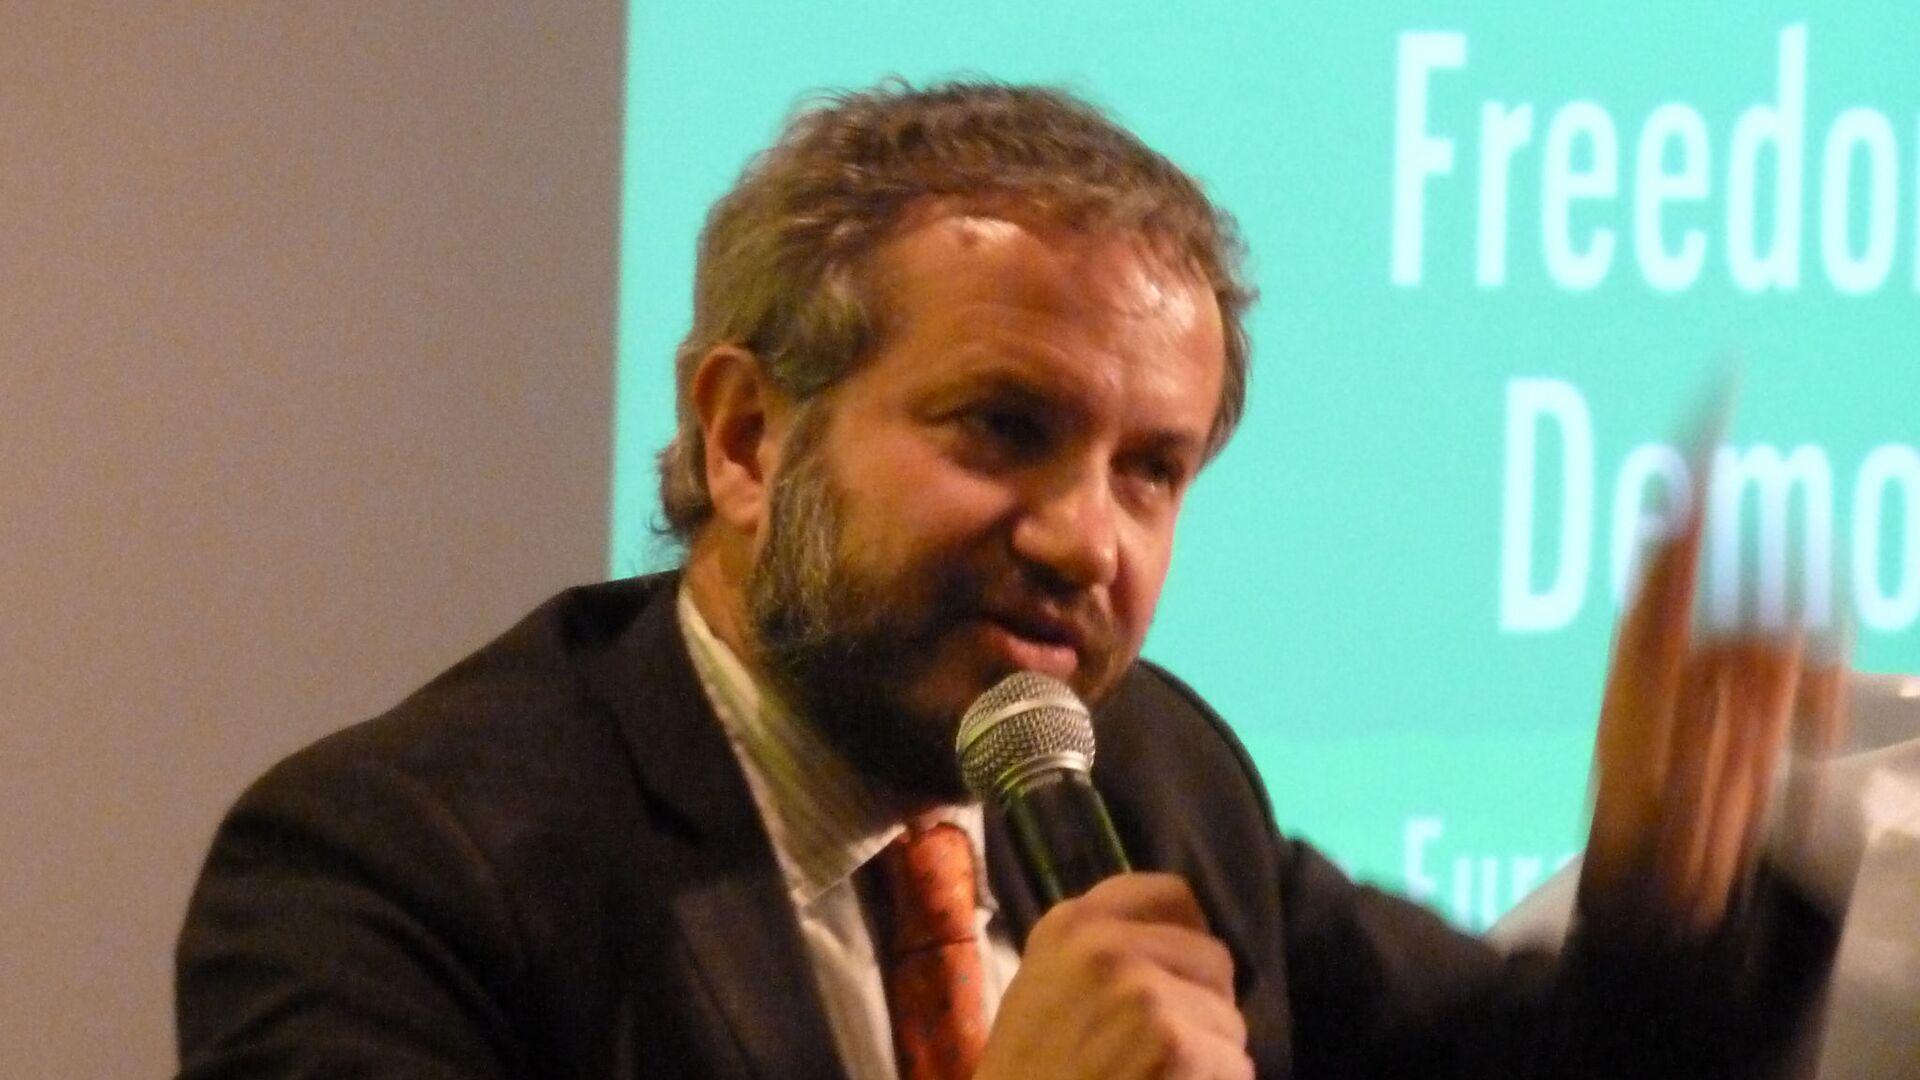 Claudio Borghi, noto anche come Claudio Borghi Aquilini, è un politico italiano, deputato per la Lega dal 2018 - Sputnik Italia, 1920, 29.07.2021